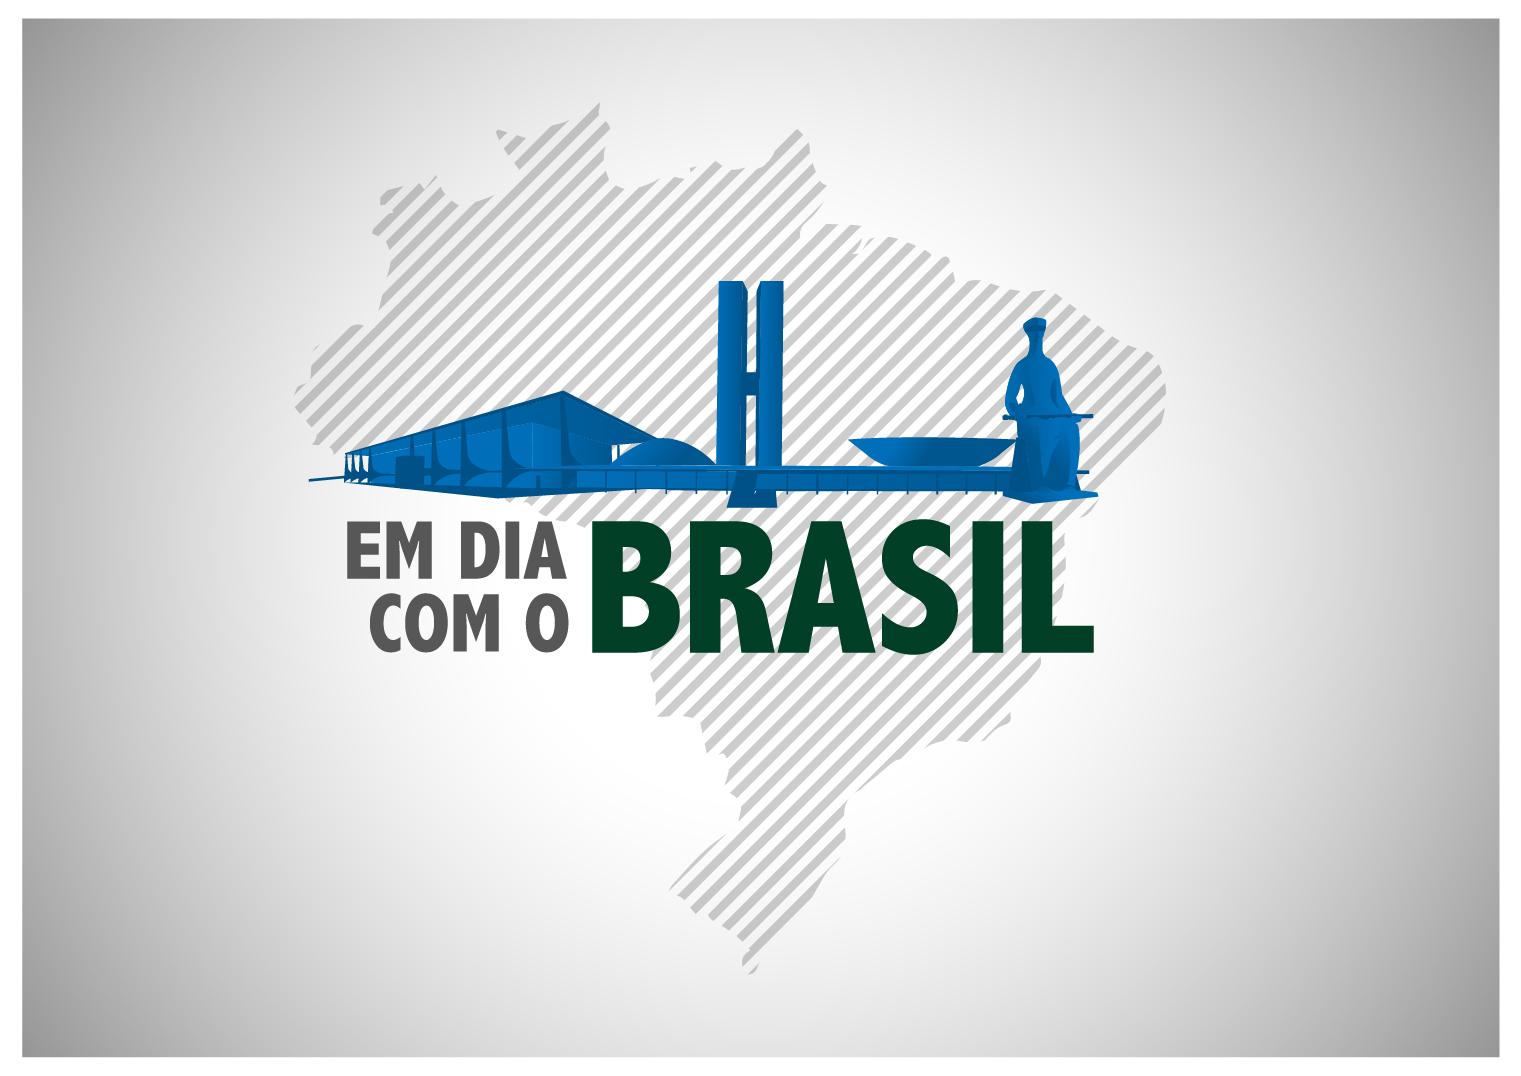 em_dia_com_o_brasil_c-02-02-02